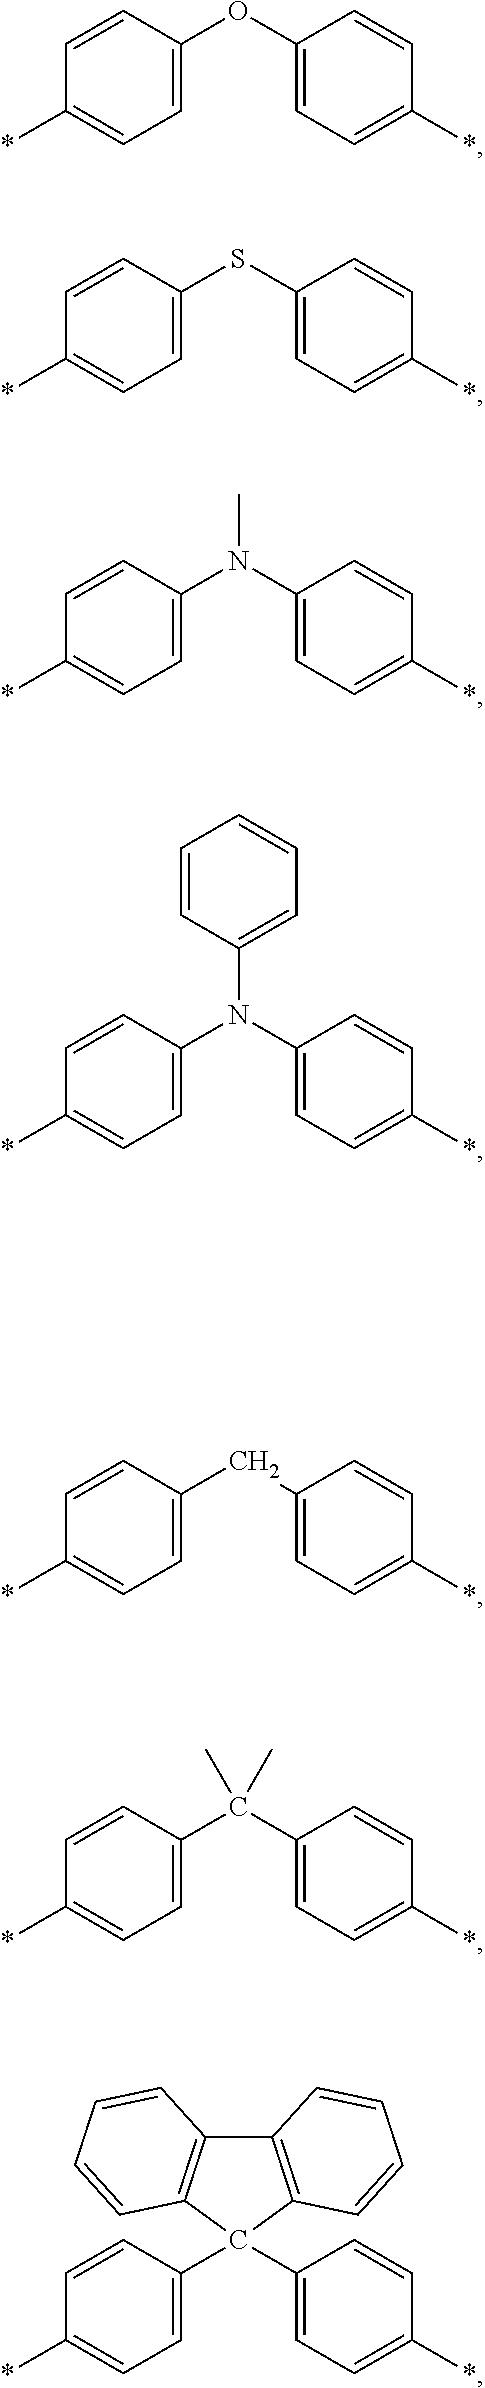 Figure US09303186-20160405-C00009